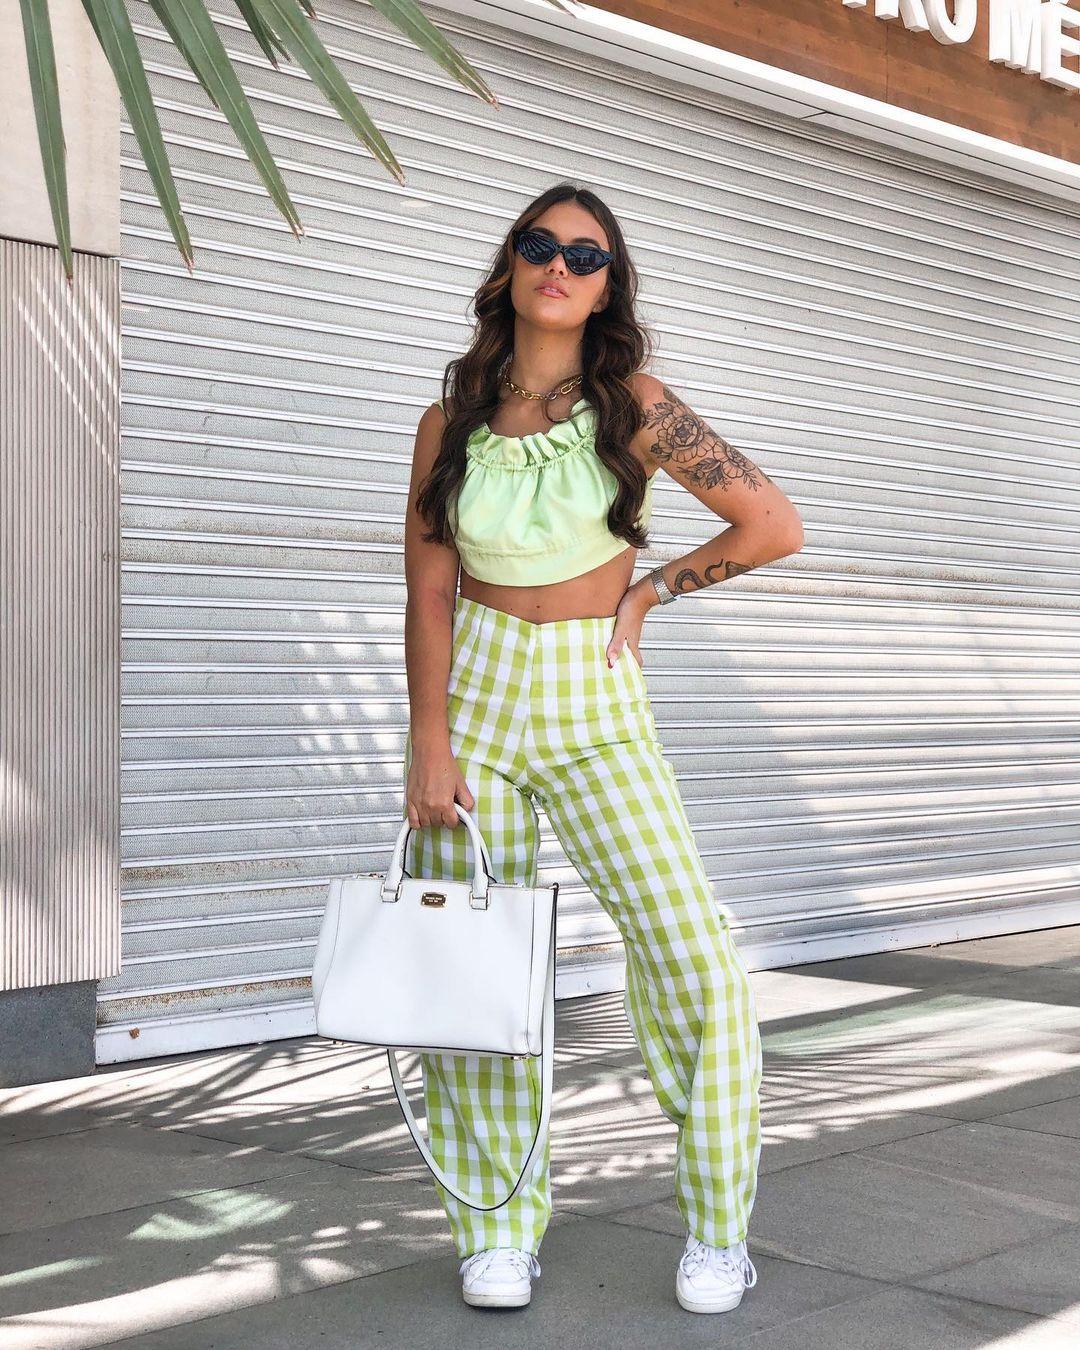 Garota usando top cropped verde com calça verde de xadrez vichy e tênis branco. Uma das mãos está segurando uma maxibolsa branca, e a outra está na cintura. Ela está com um óculos de sol no rosto, com a cabeça levemente levantada, olhando para baixo.